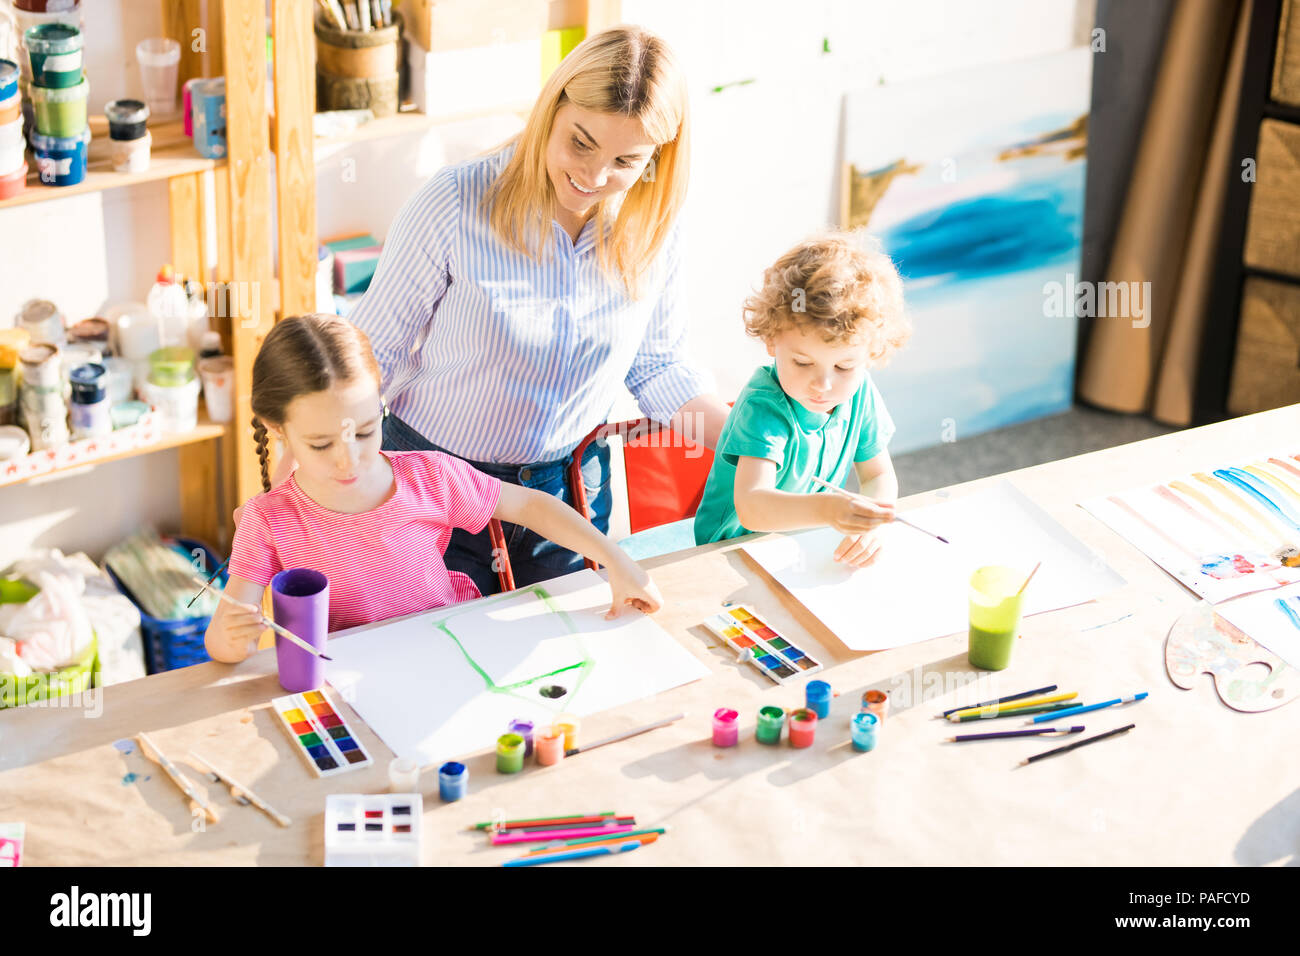 Children at art class Stock Photo